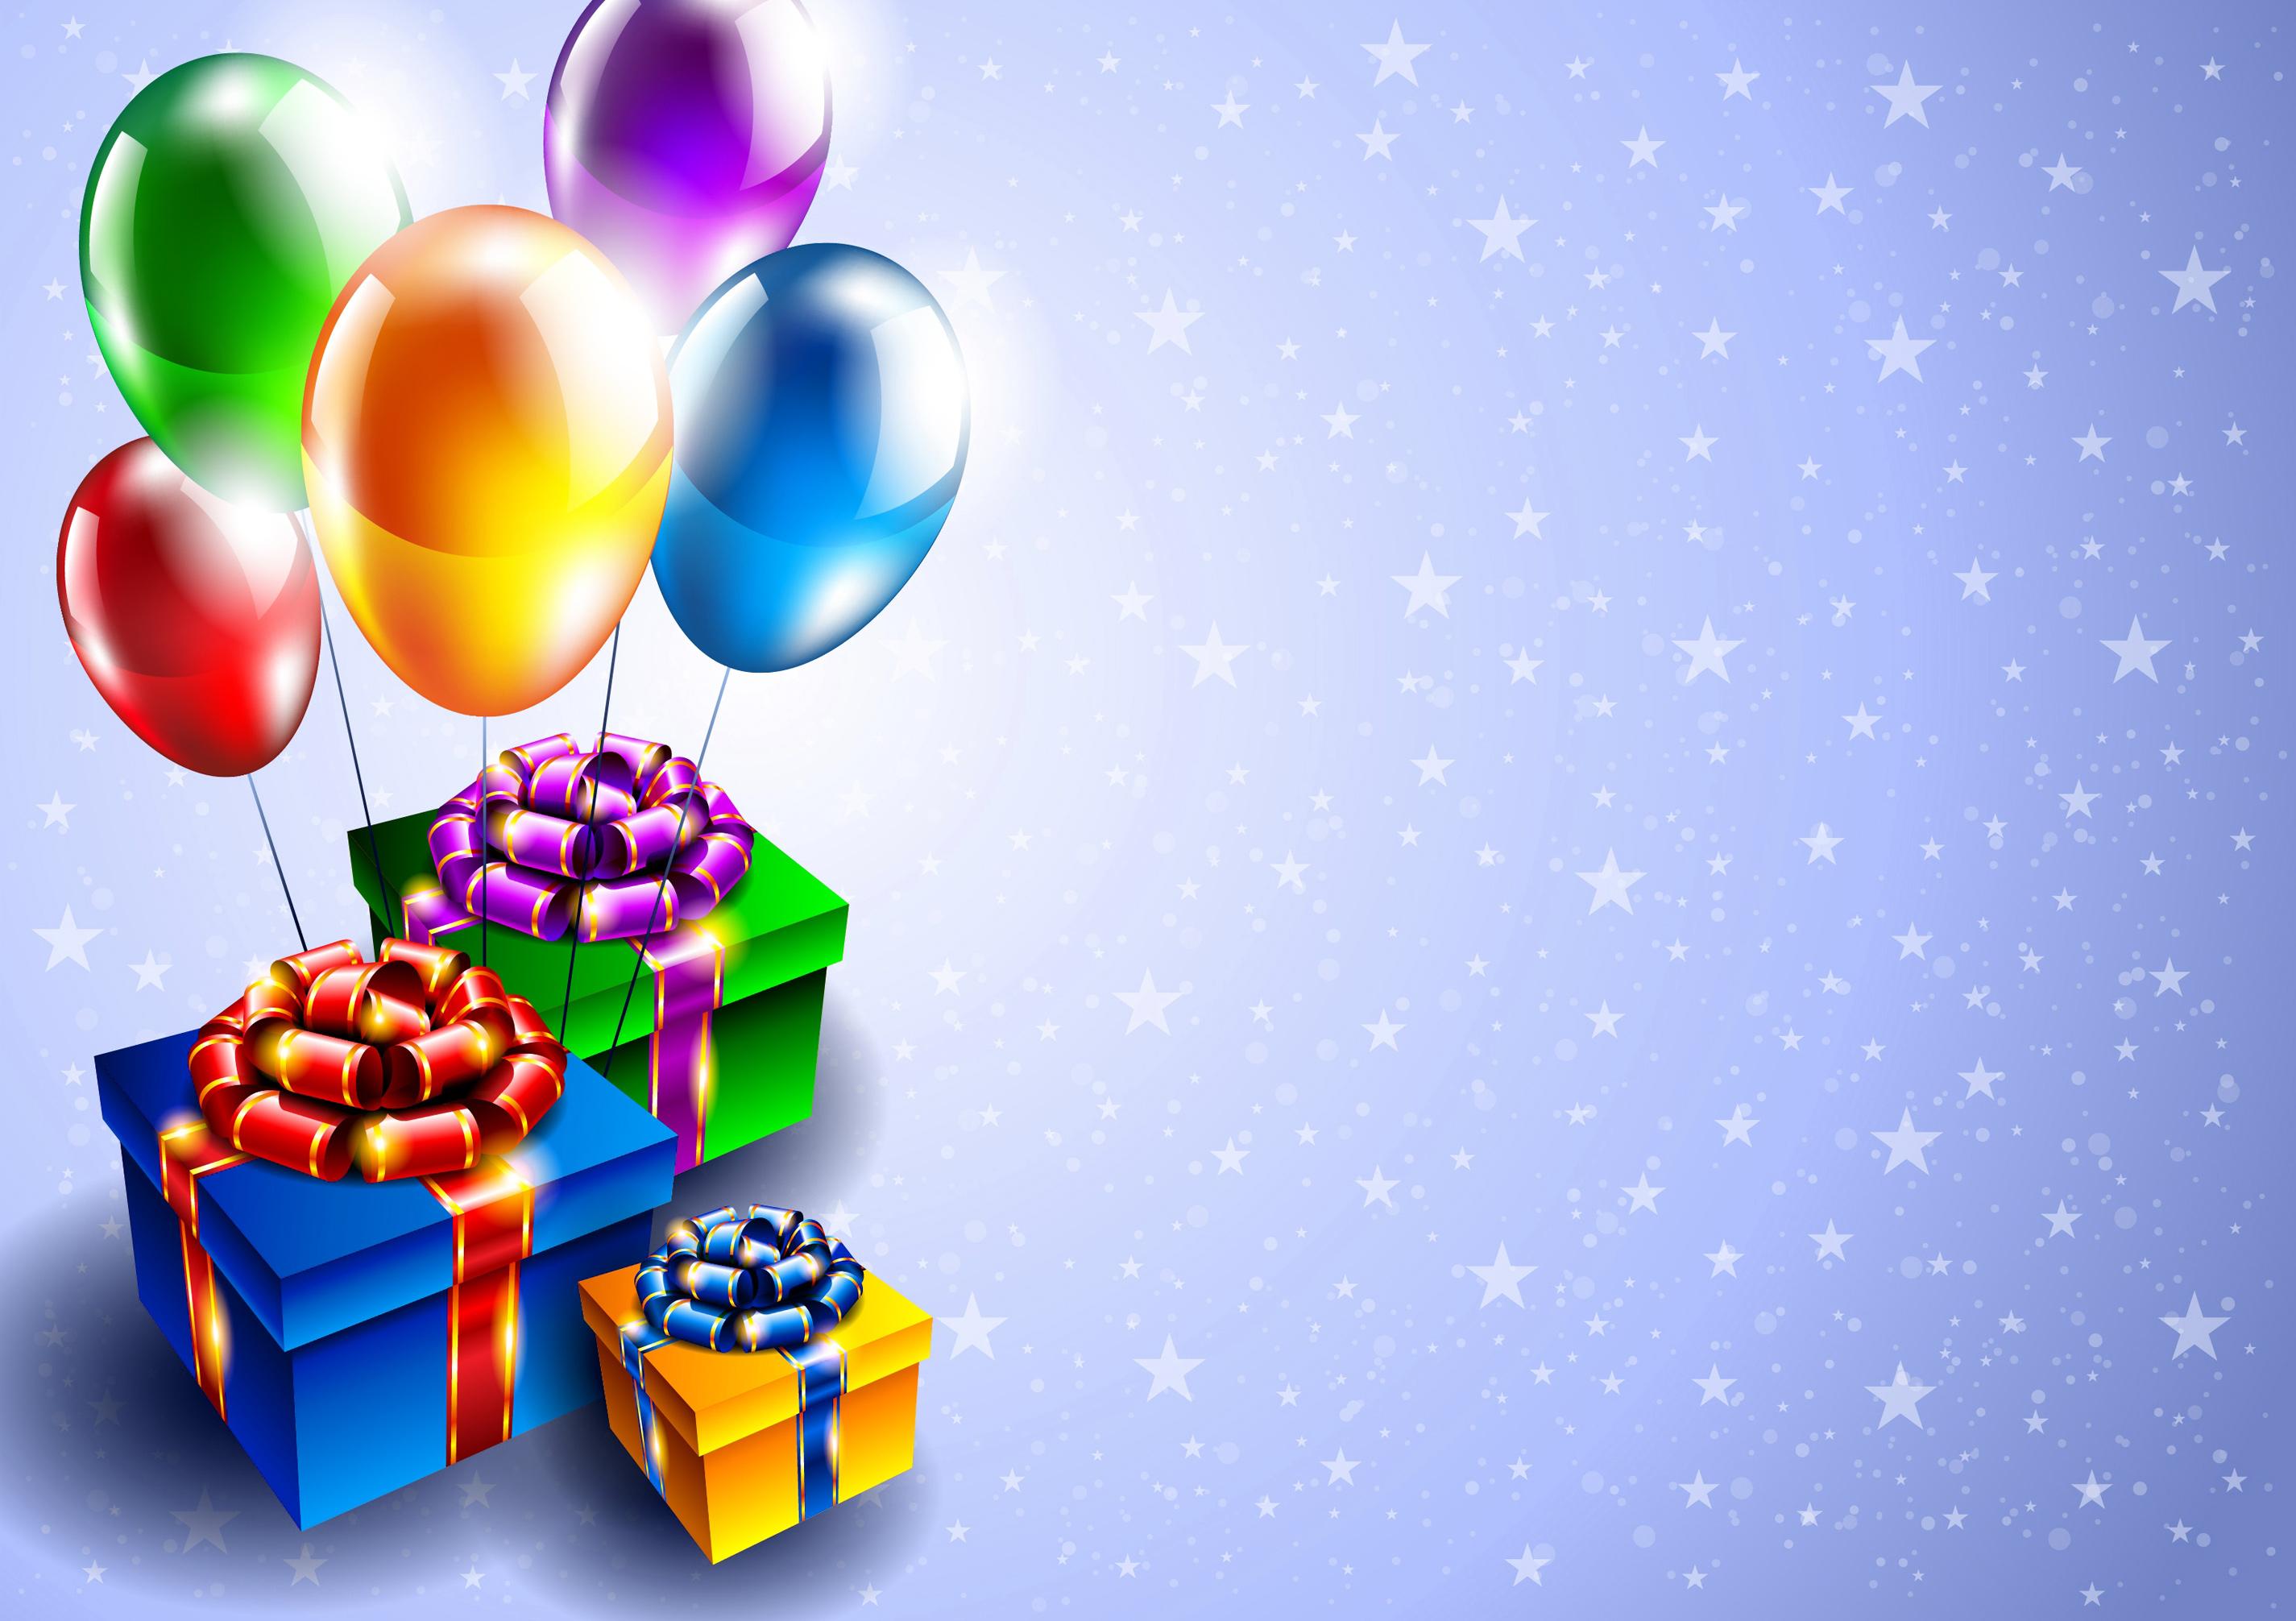 Фон для поздравления с днем рождения подростку 31